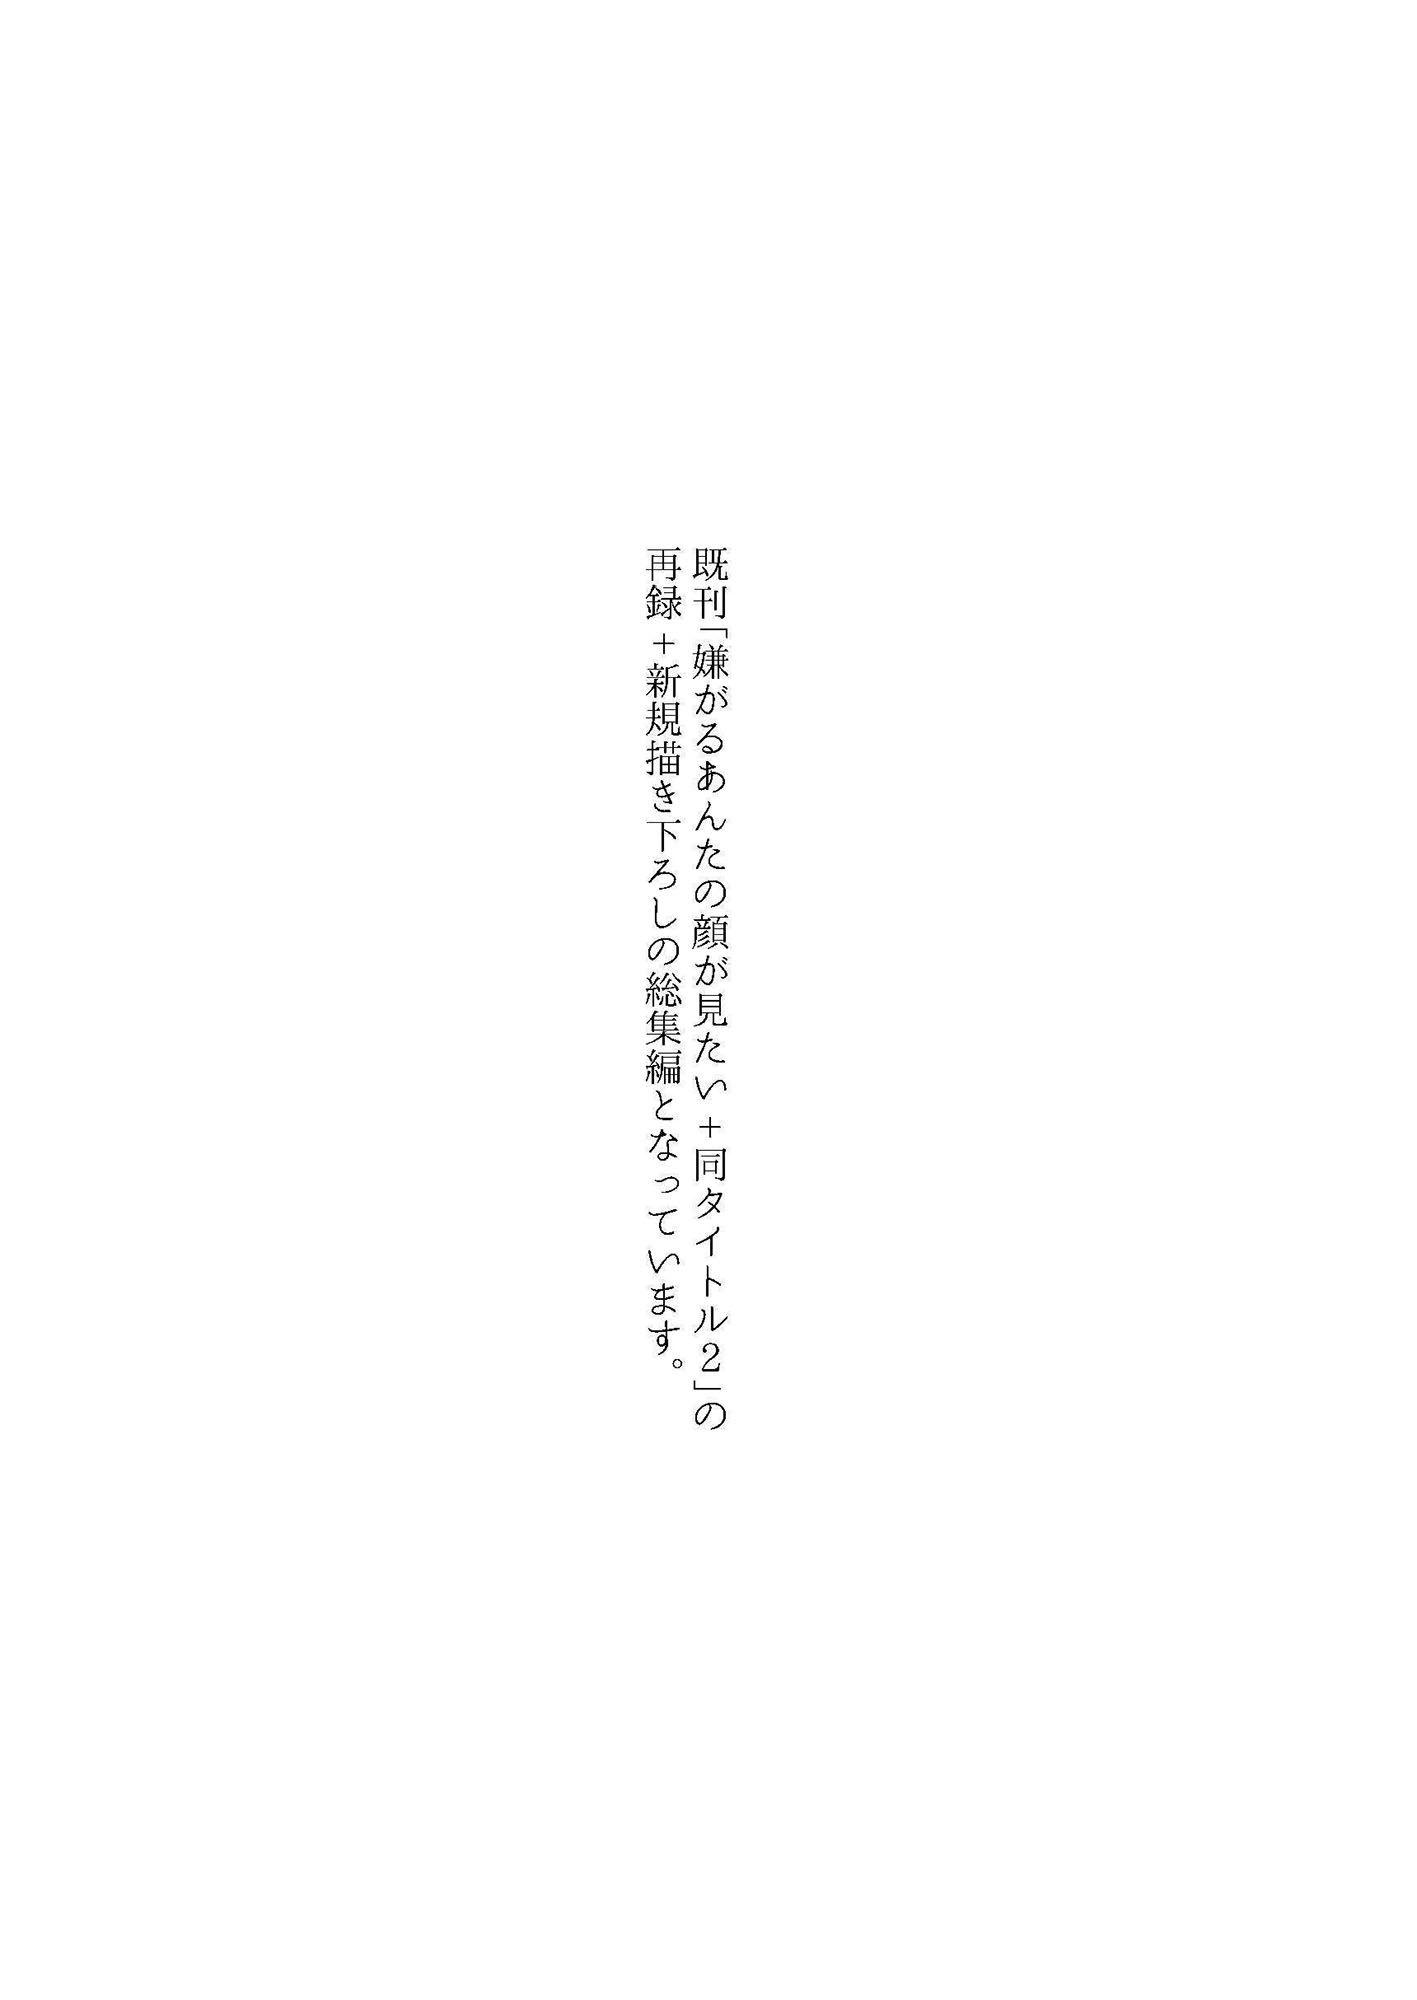 【GATE 同人】嫌がるあんたの顔が見たいー総集編